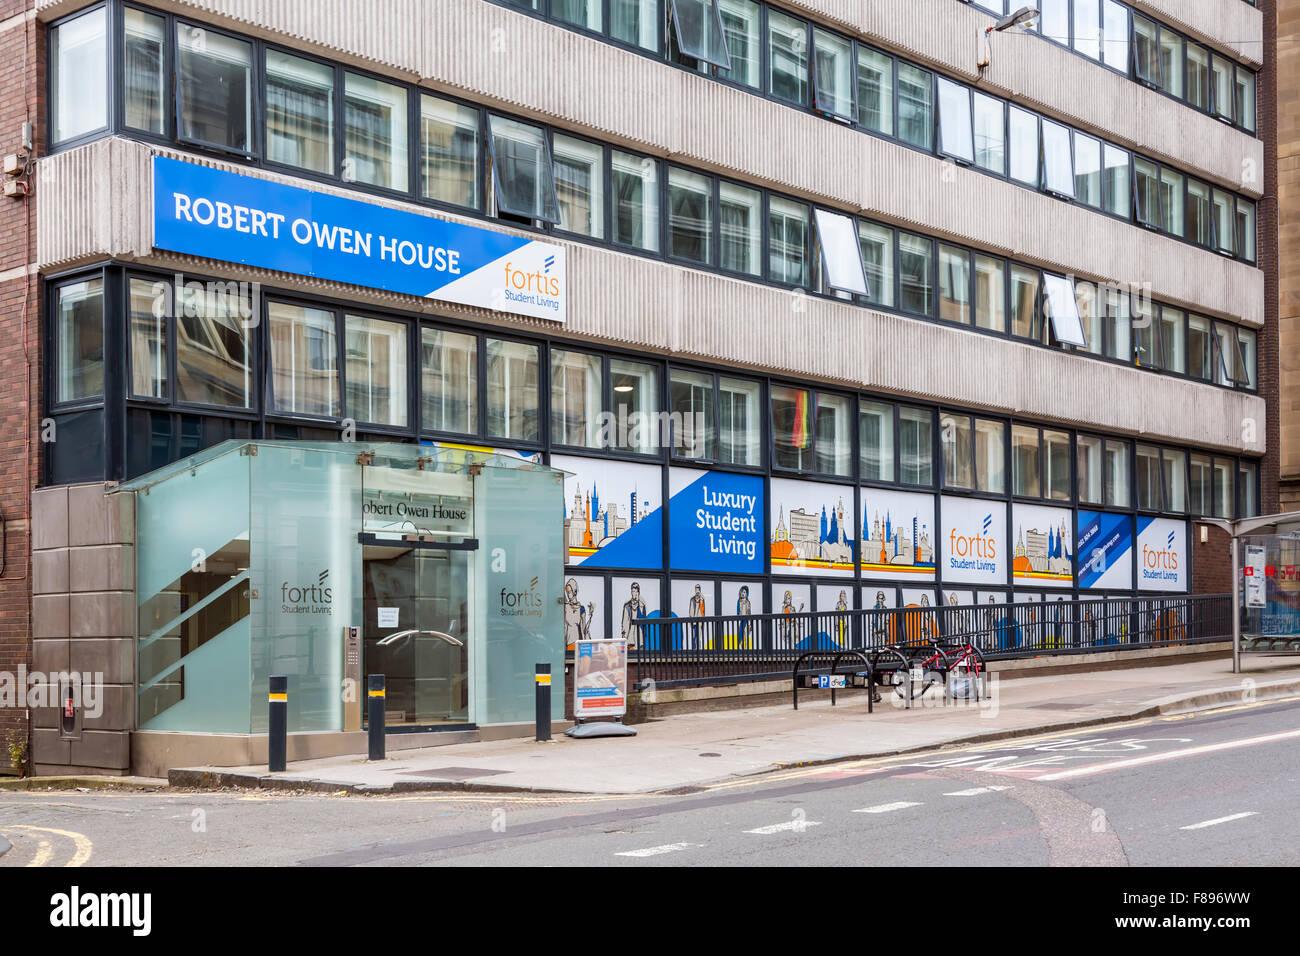 Robert Owen Chambre de luxe, chambres d'étudiants par Fortis, le centre-ville de Glasgow, Écosse, Royaume-Uni Banque D'Images